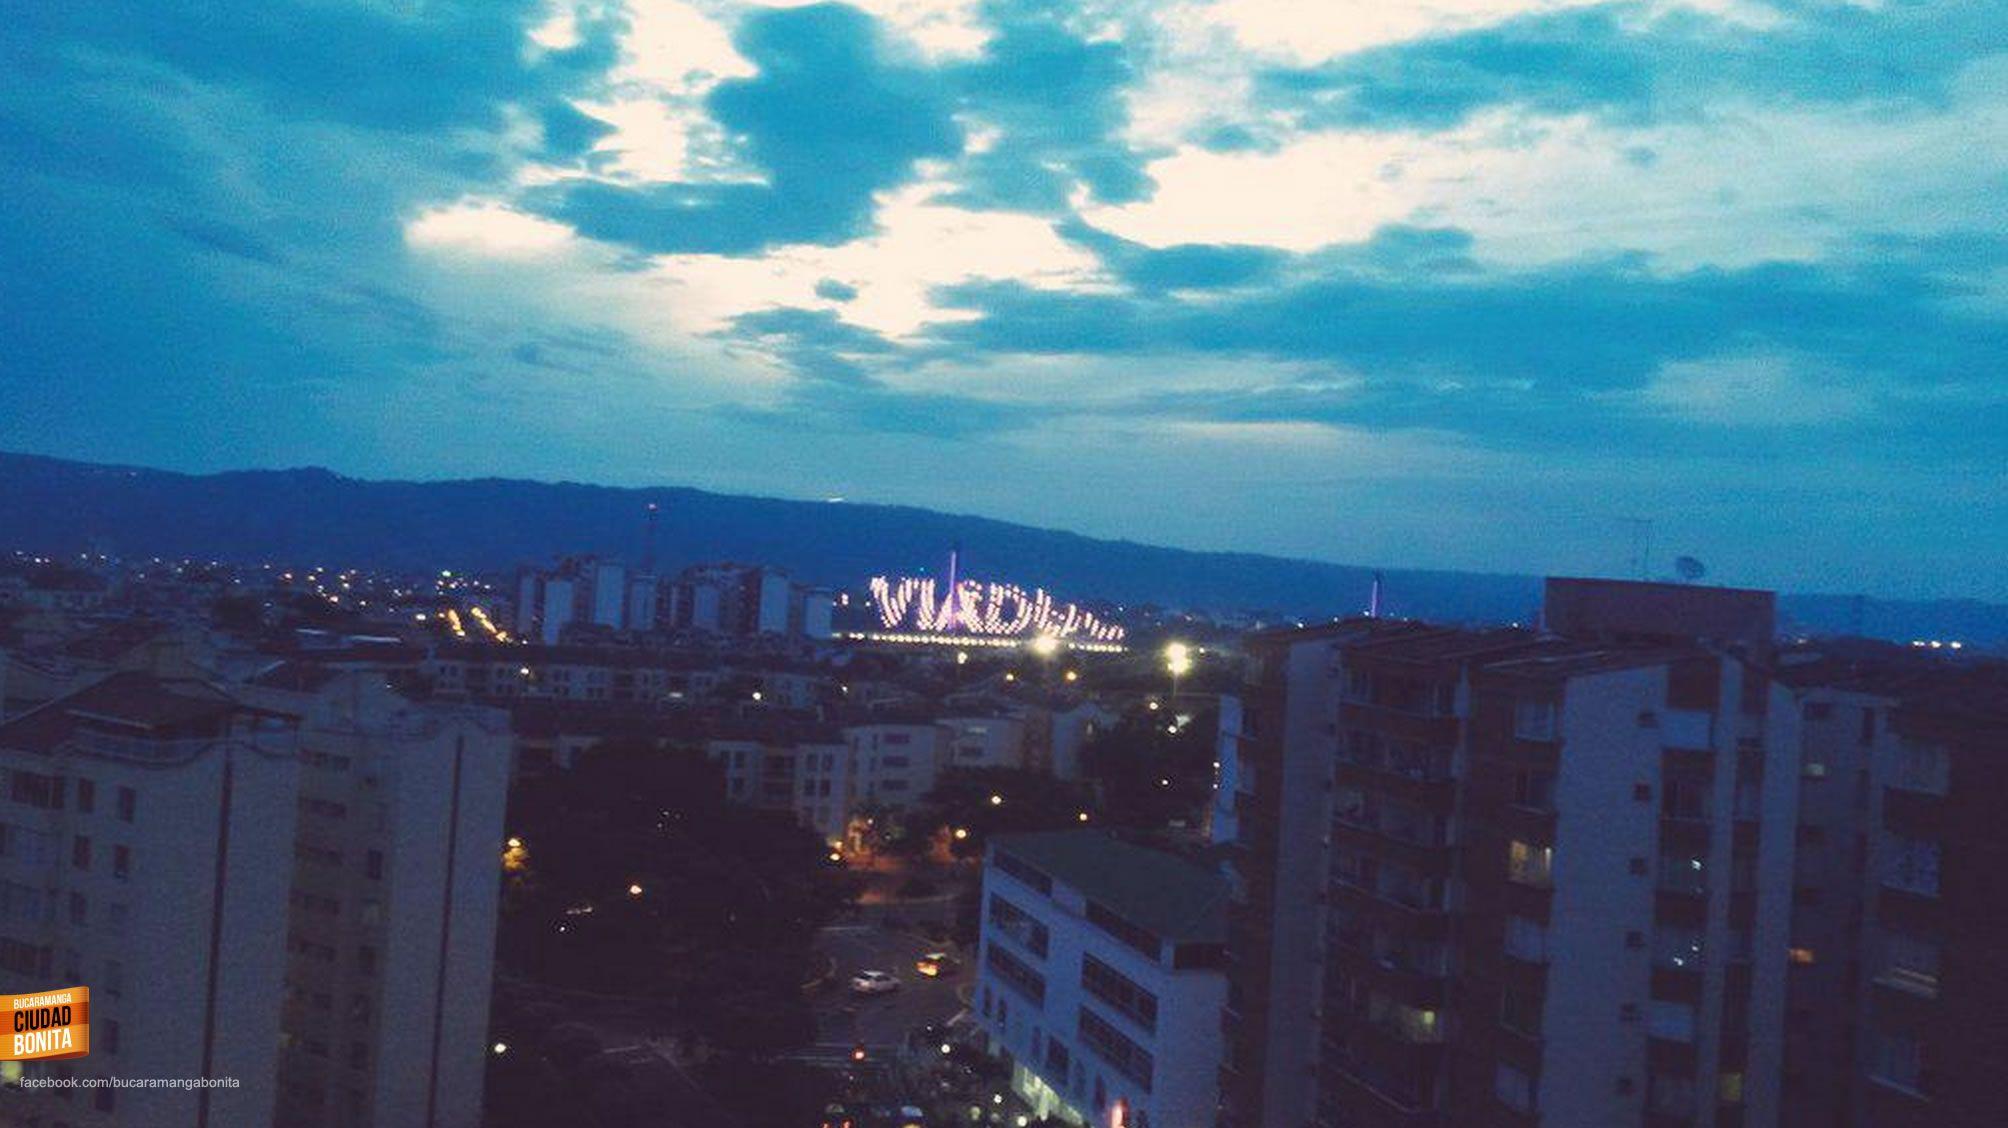 Cae el atardecer en nuestra ciudad y de fondo el nuevo viaducto que nos muestra su nombre. Gracias @victorj0714 por la foto #atardecerBUC